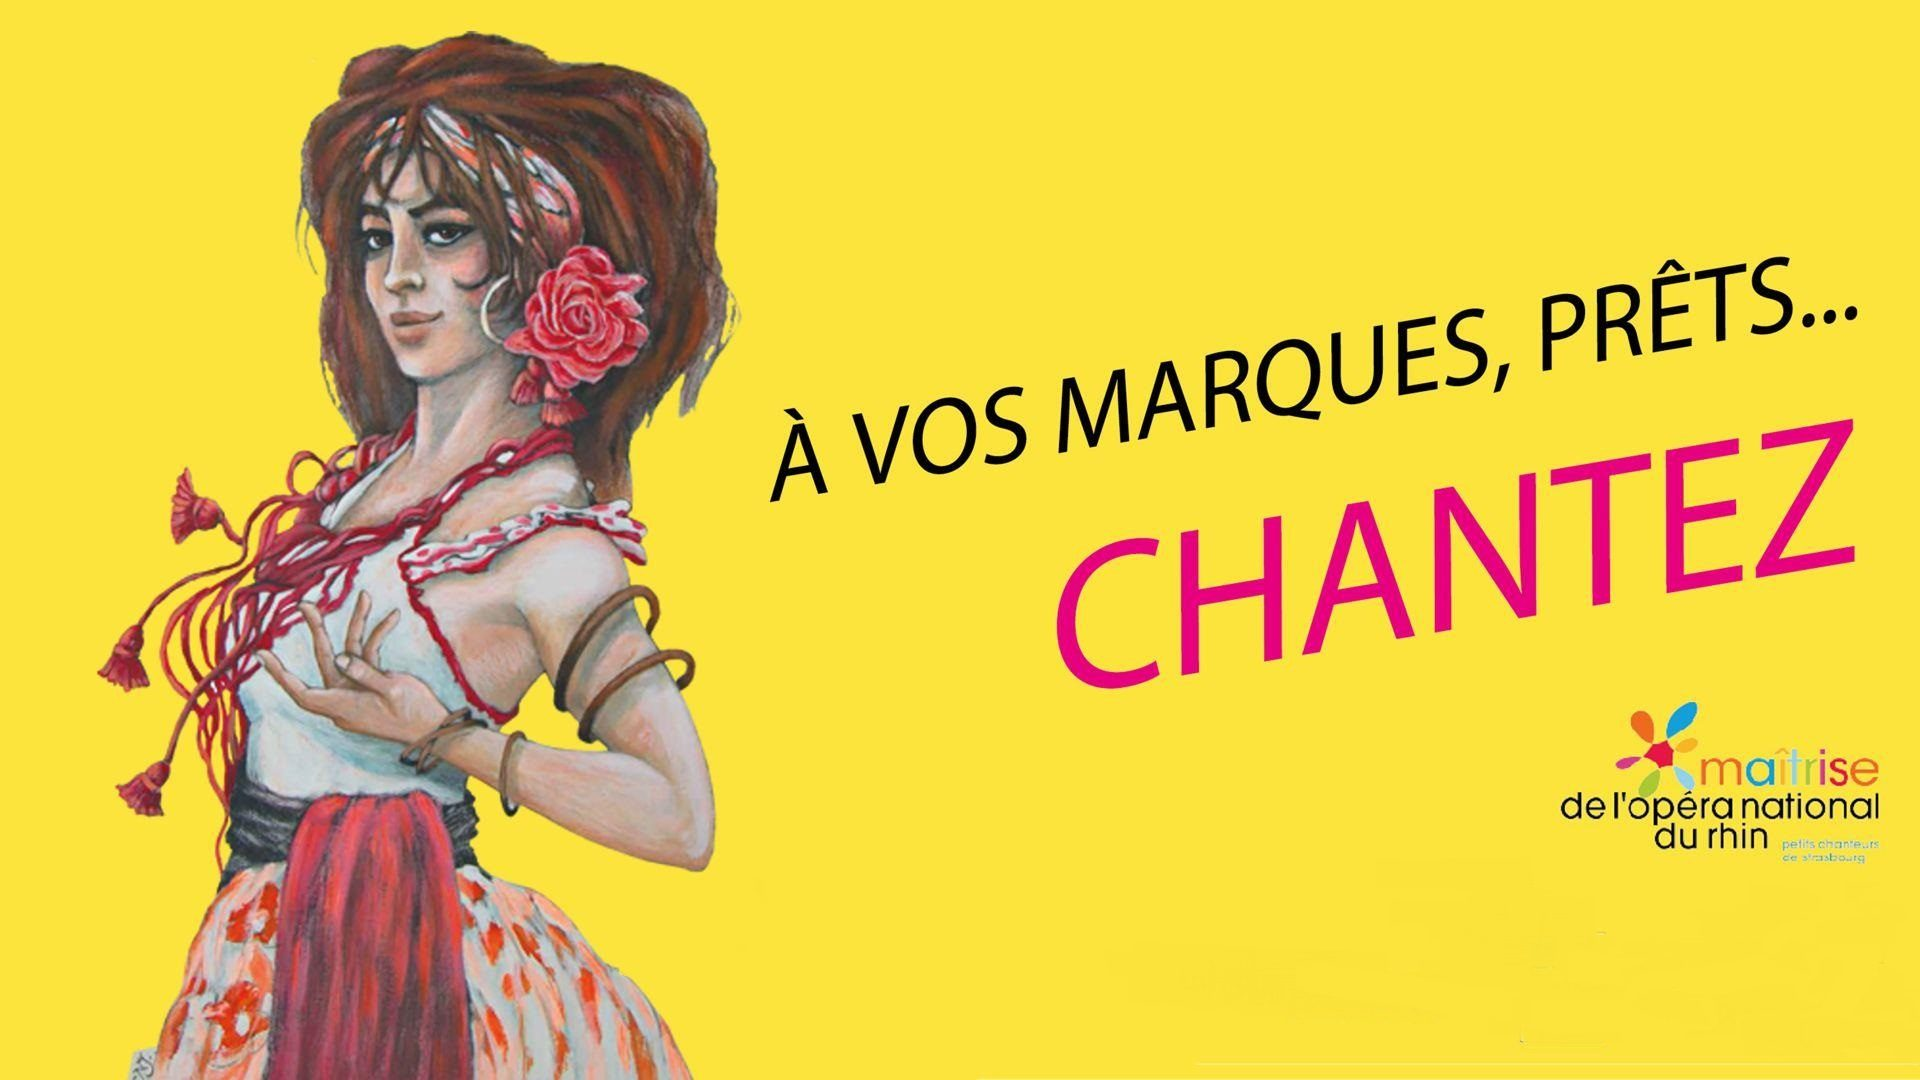 A vos marques, prêts… Chantez Carmen !